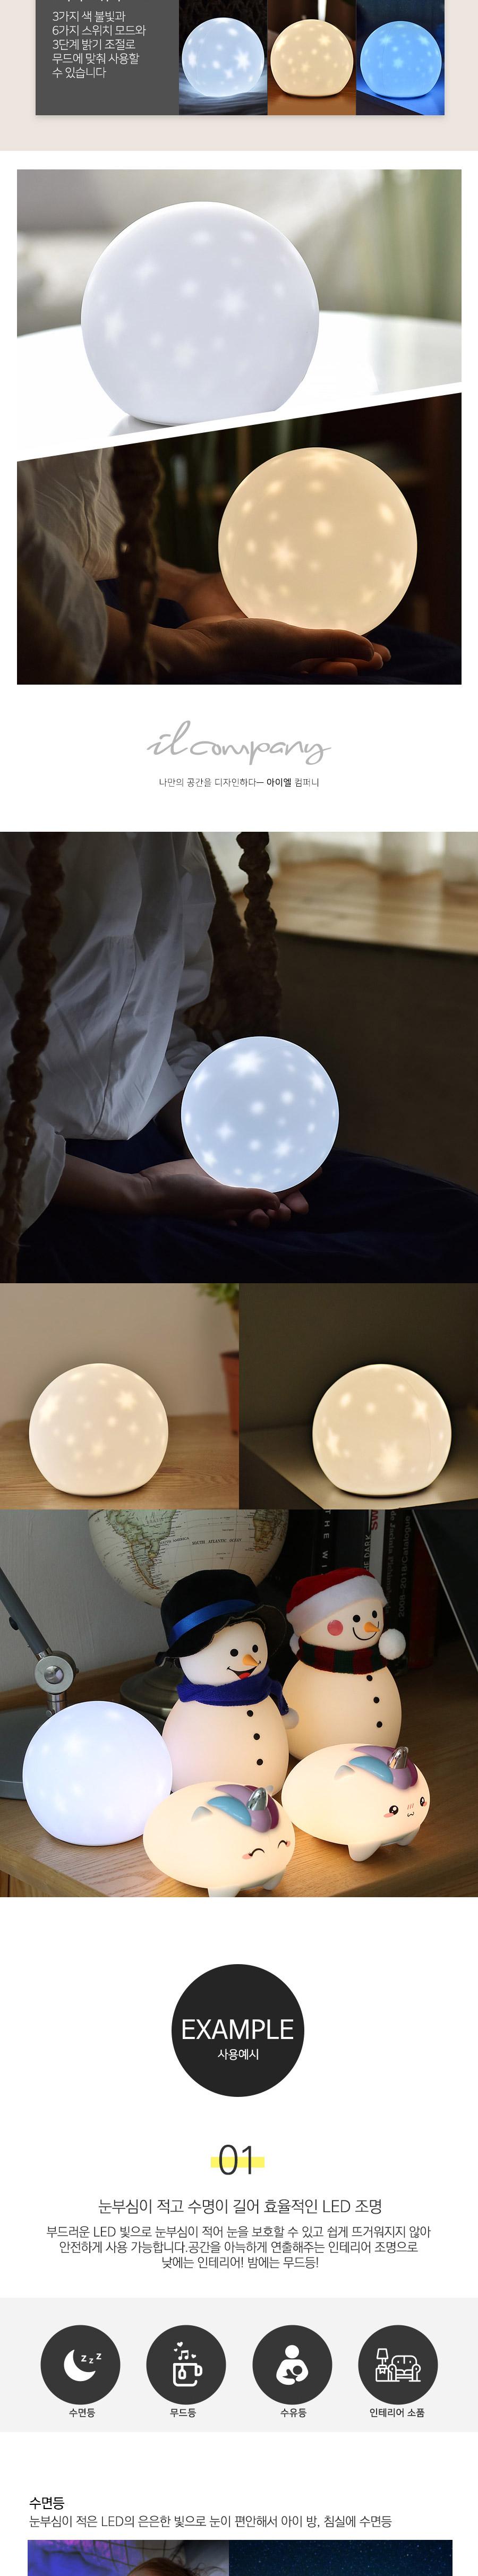 실리콘 달 충전식 LED 무드등 - 아이엘, 15,330원, 디자인조명, 캐릭터조명